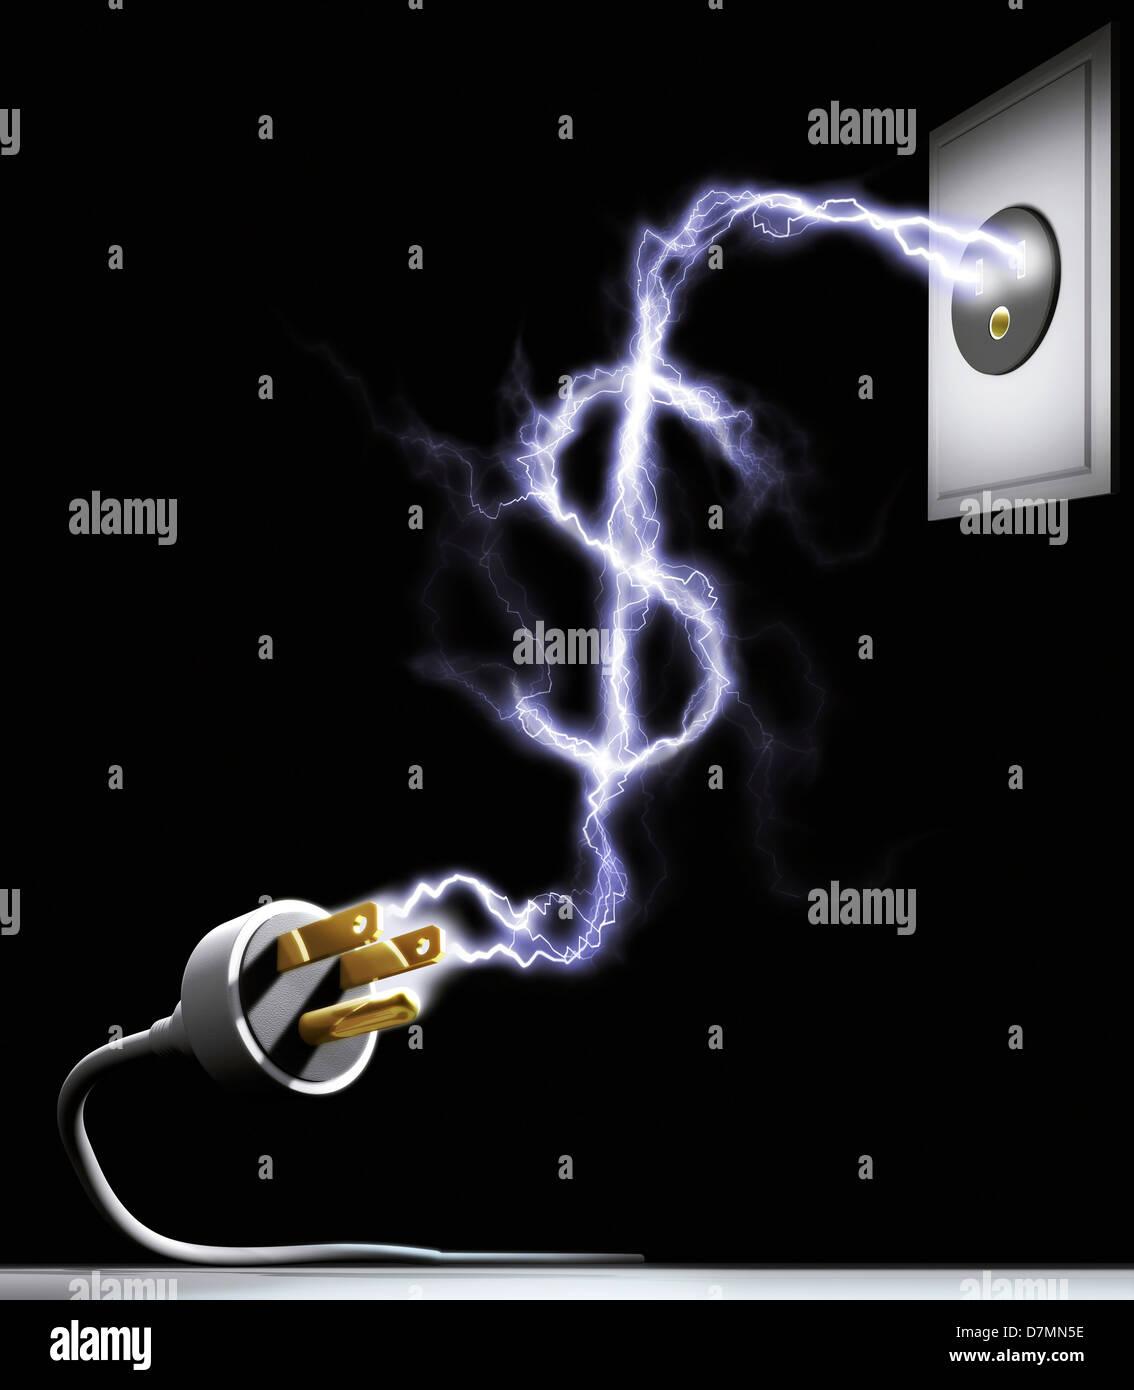 Kosten für Strom, konzeptuellen Kunstwerk Stockbild